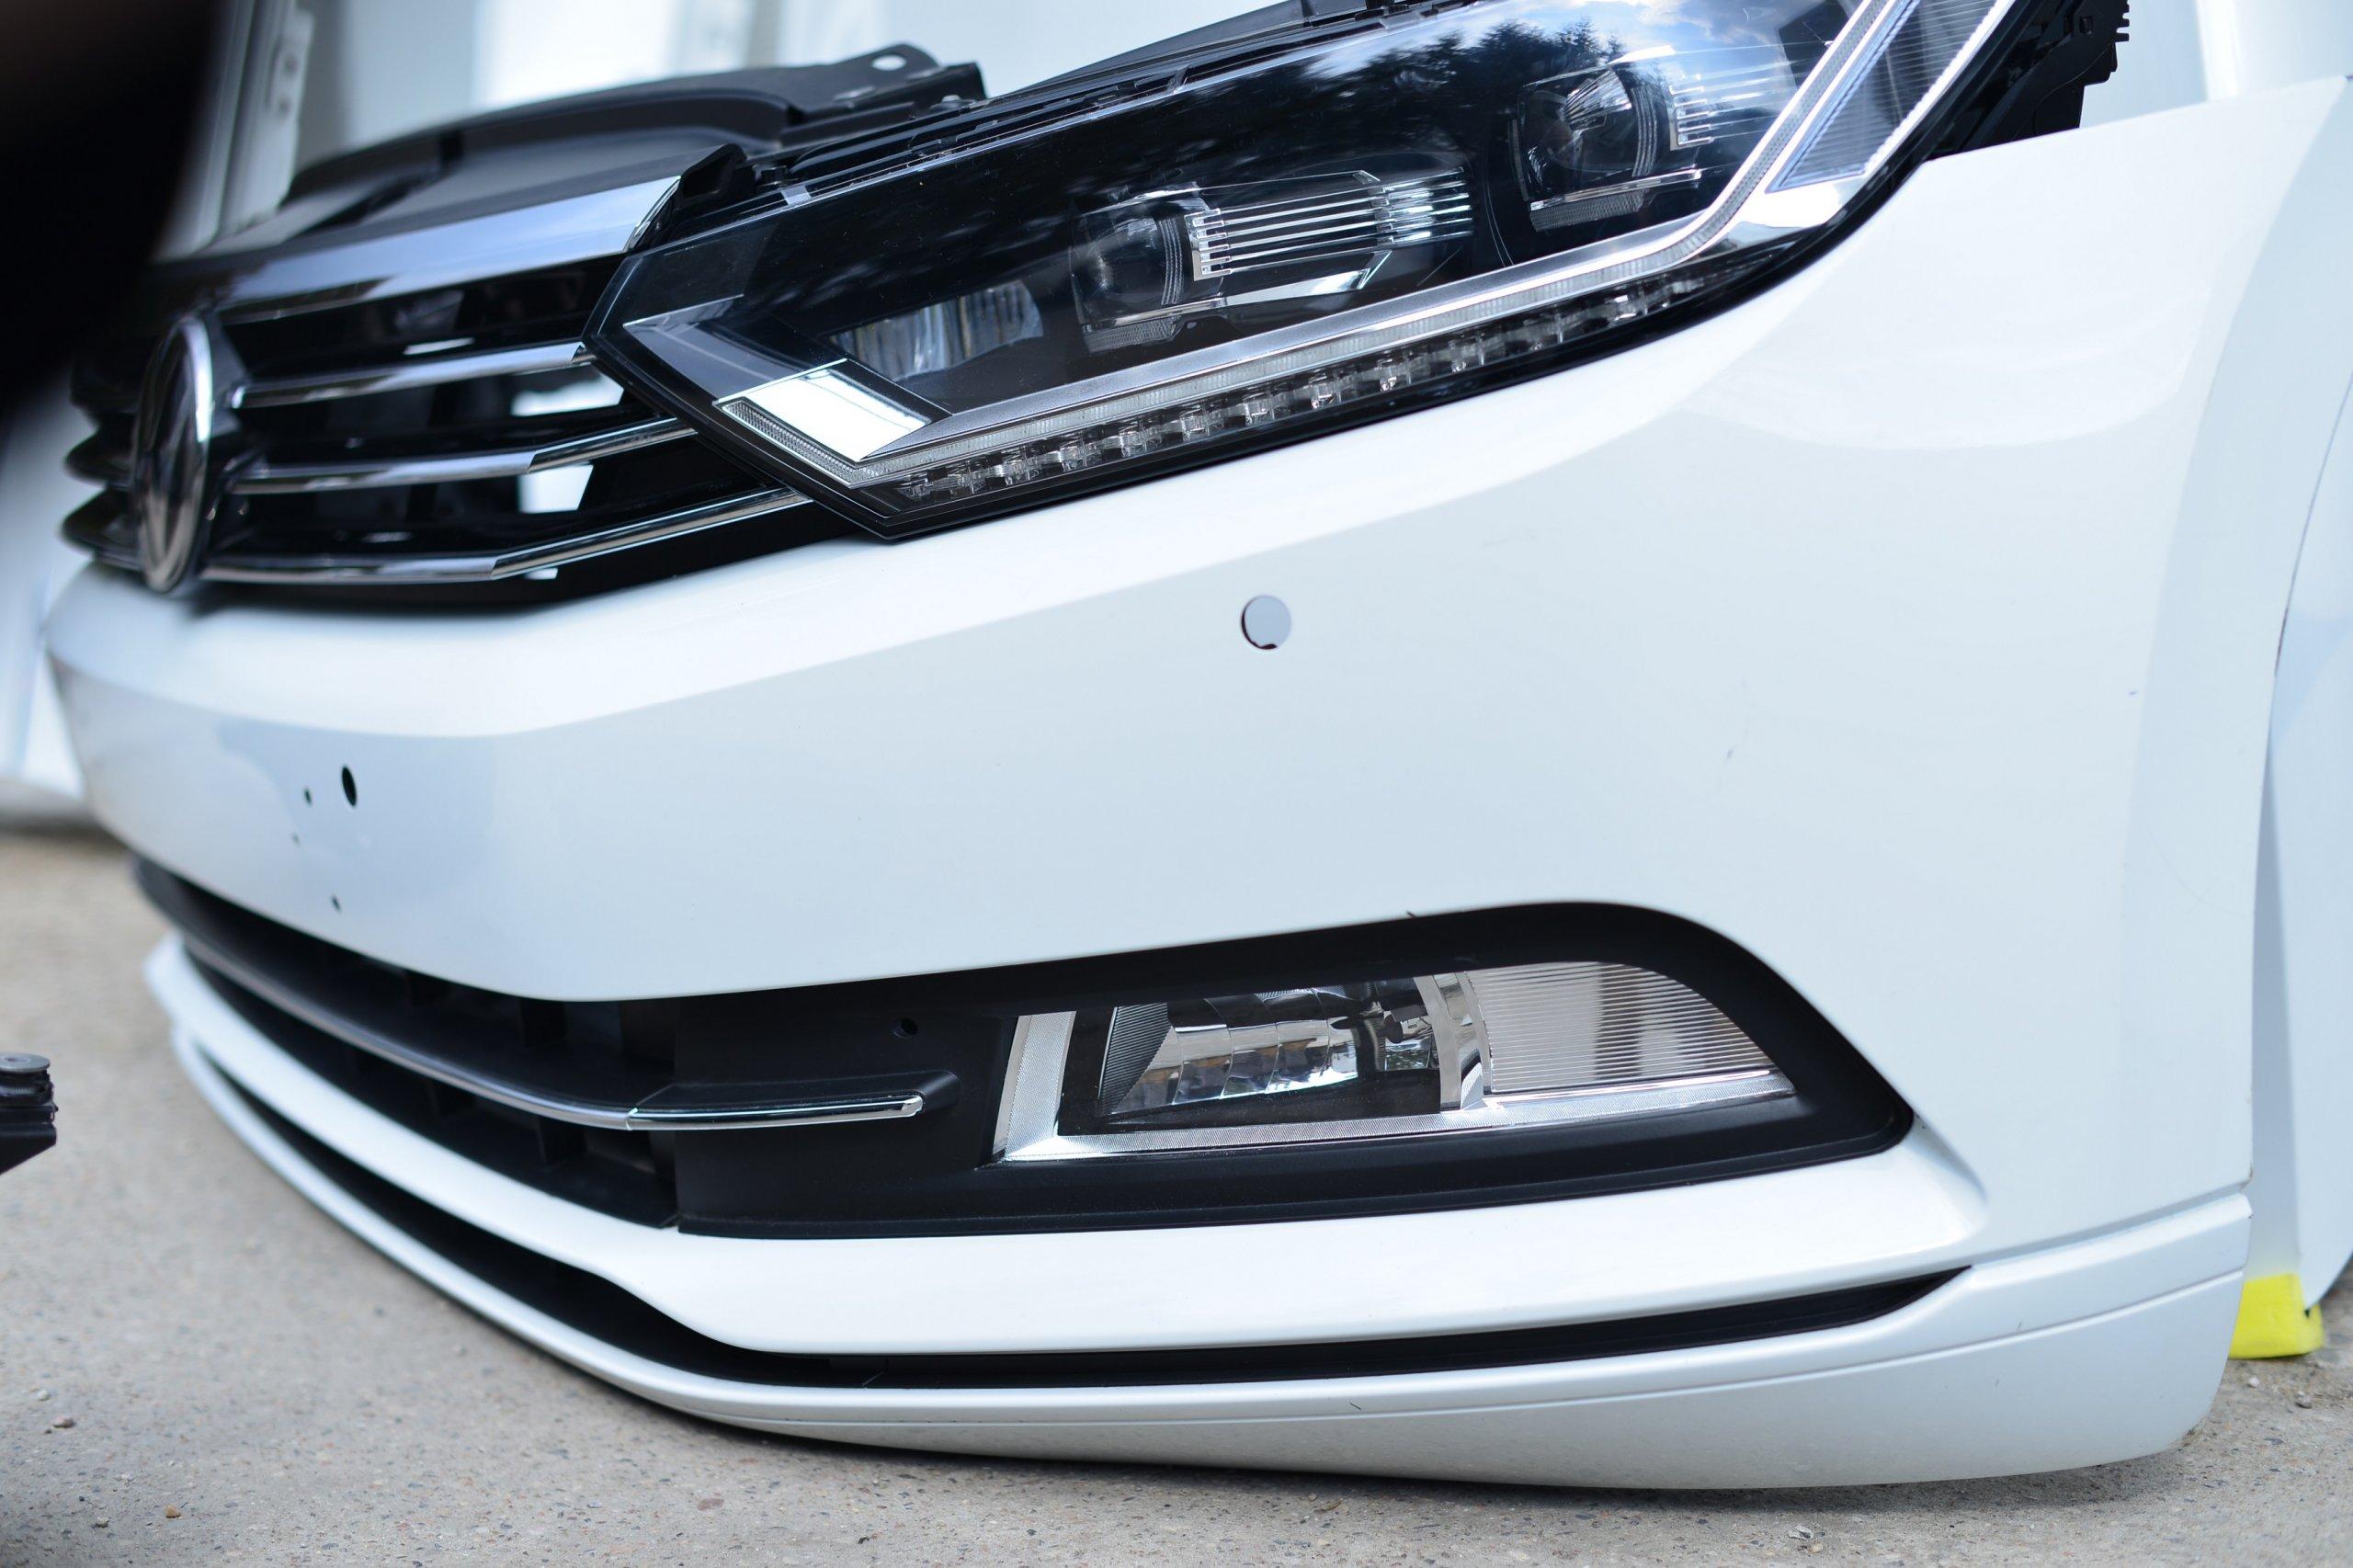 [КАПОТ ZDERZAK КРЫЛО REFLEKTOR PAS VW PASSAT B8 из Польши]изображение 6